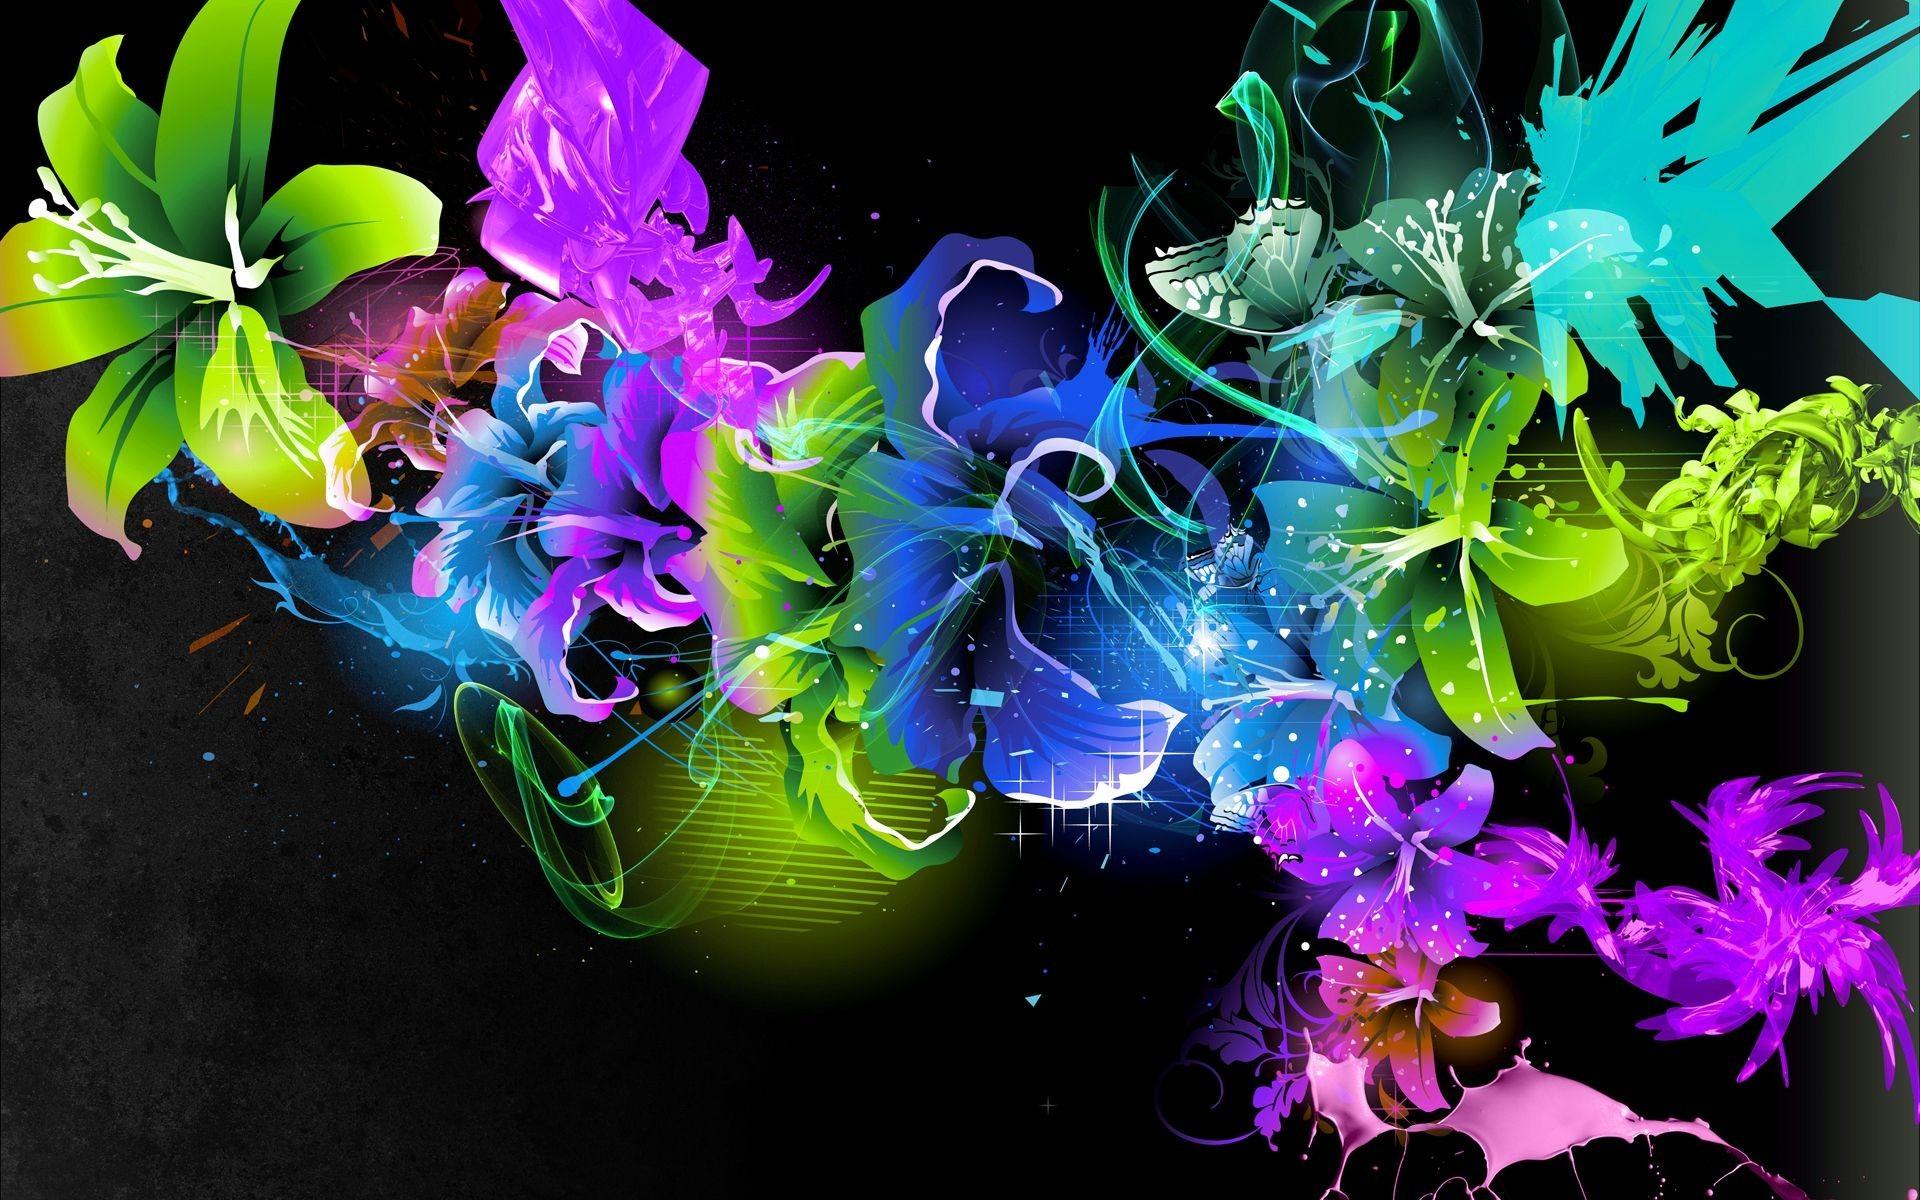 Abstract Art Wallpaper Desktop #3256 Wallpaper | Cool Walldiskpaper .